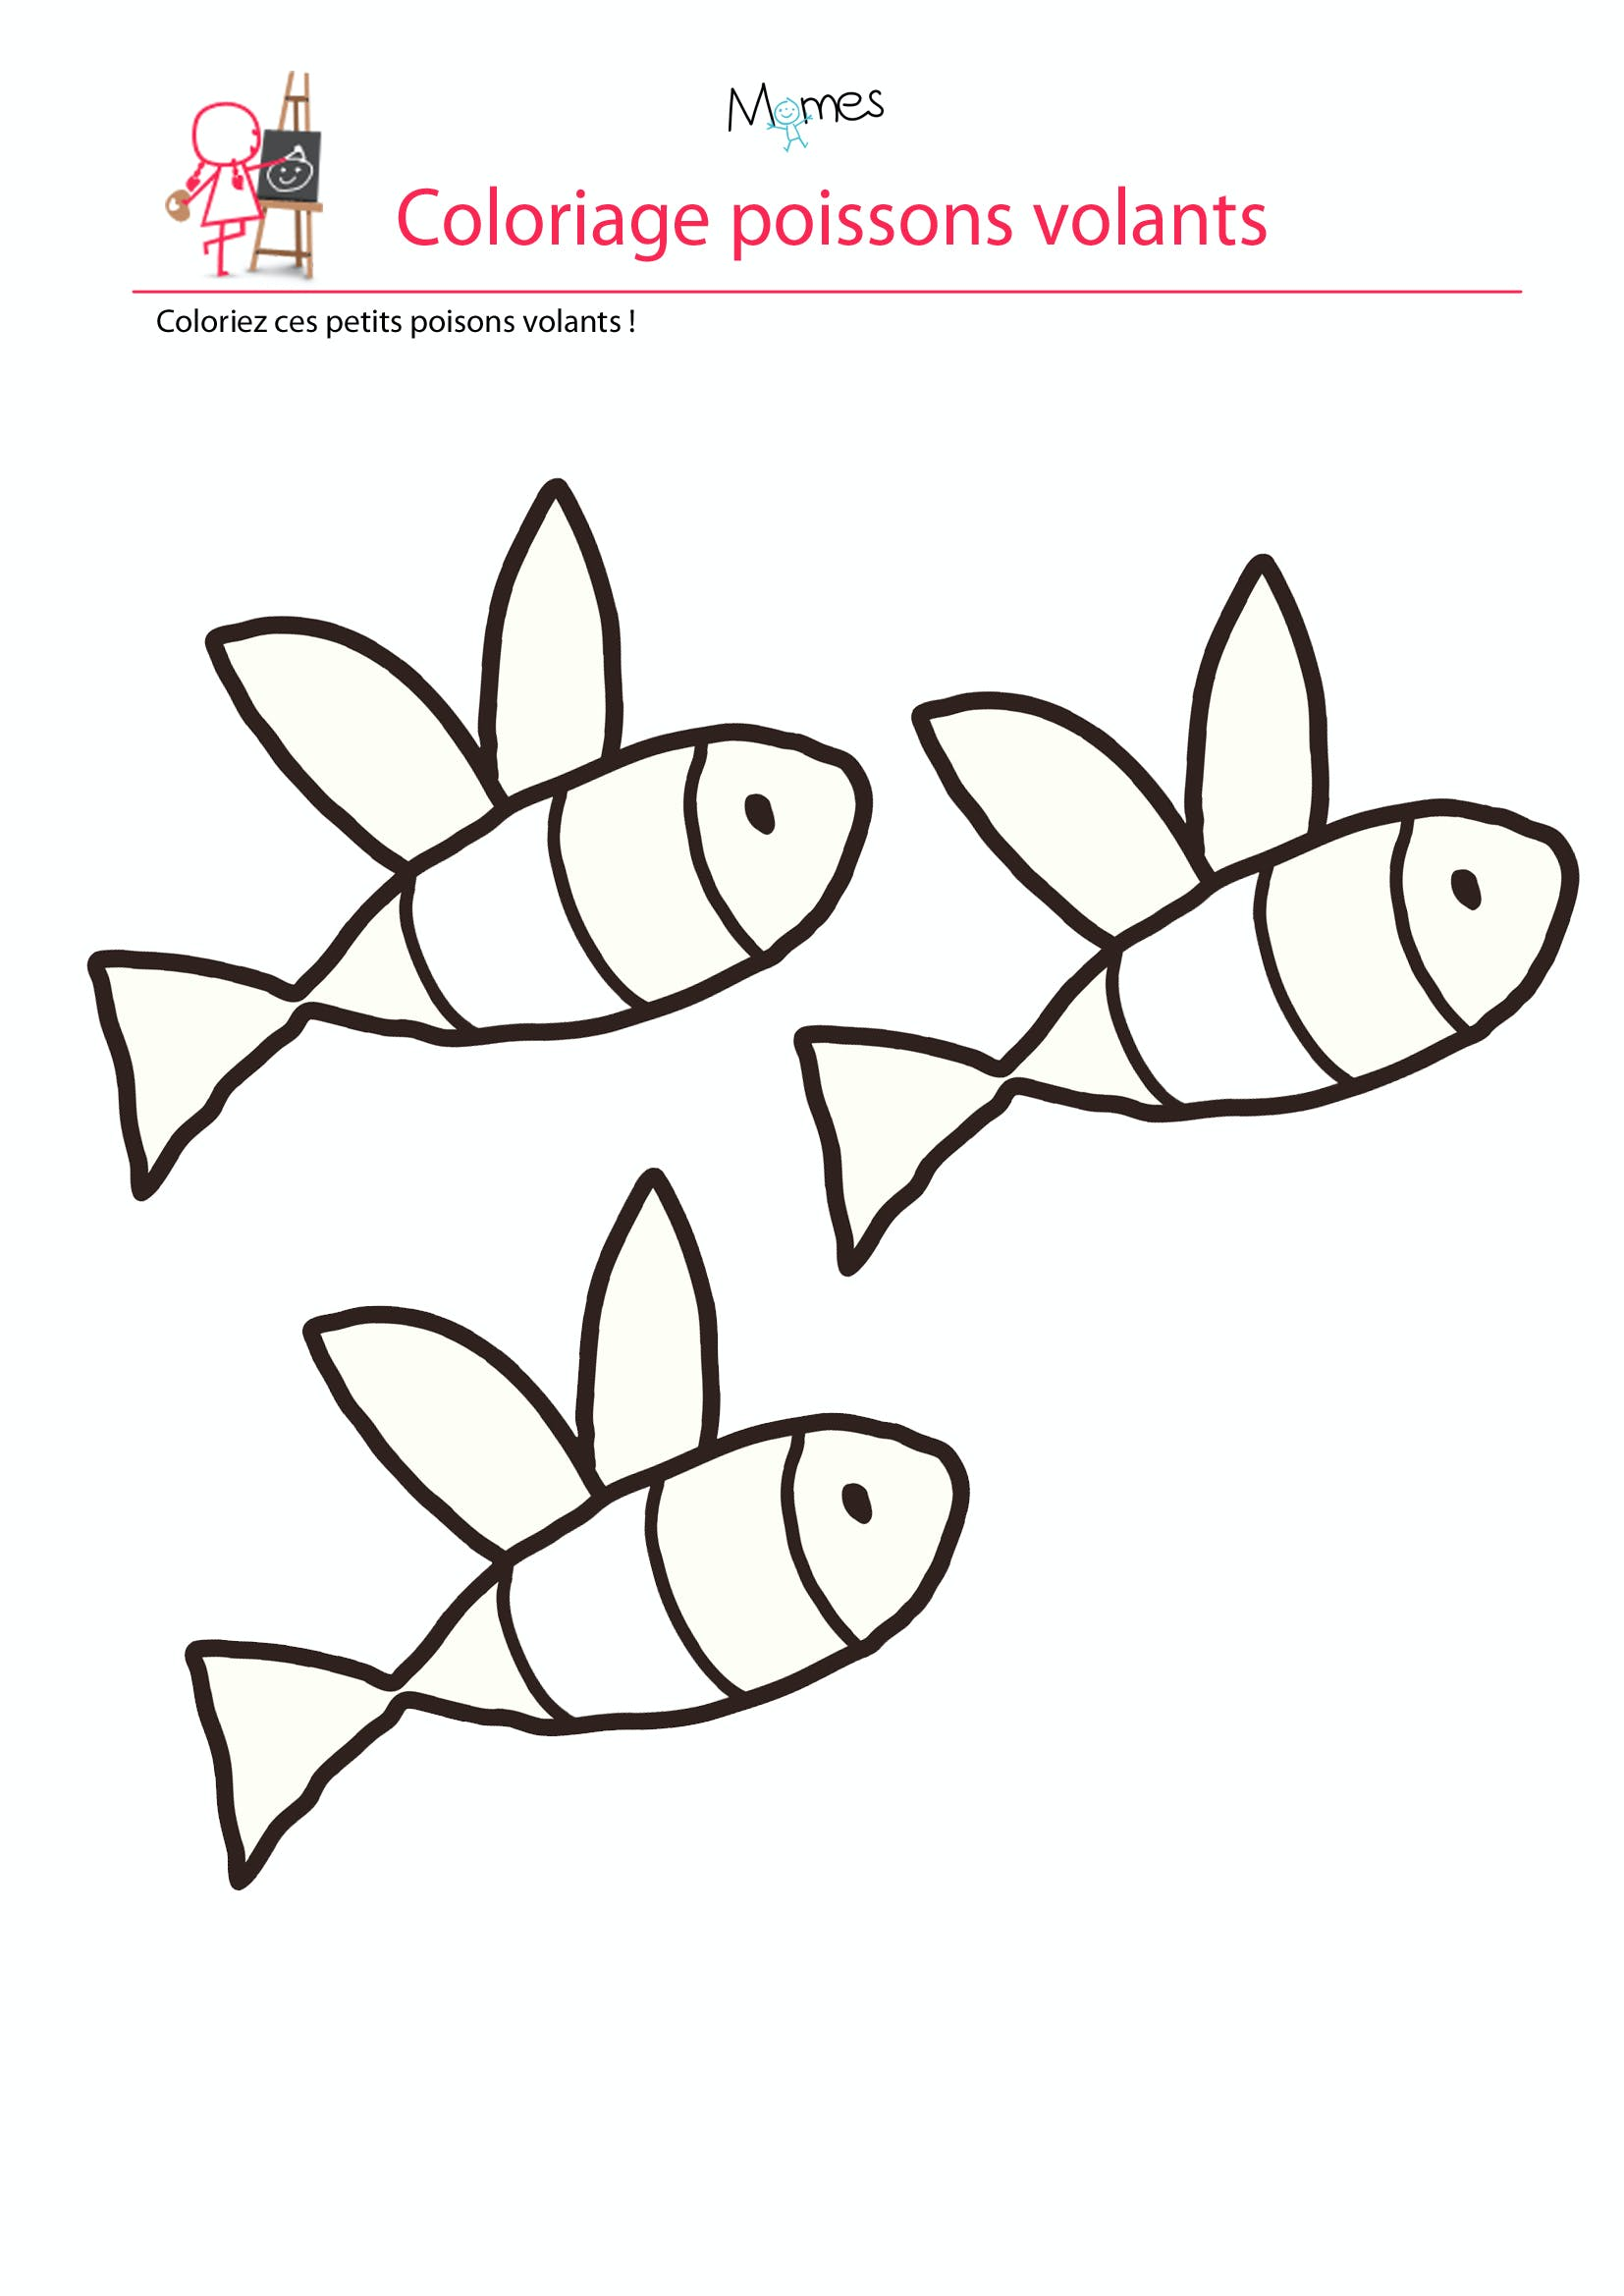 Coloriage poisson d'avril  les poissons volants   MOMES.net